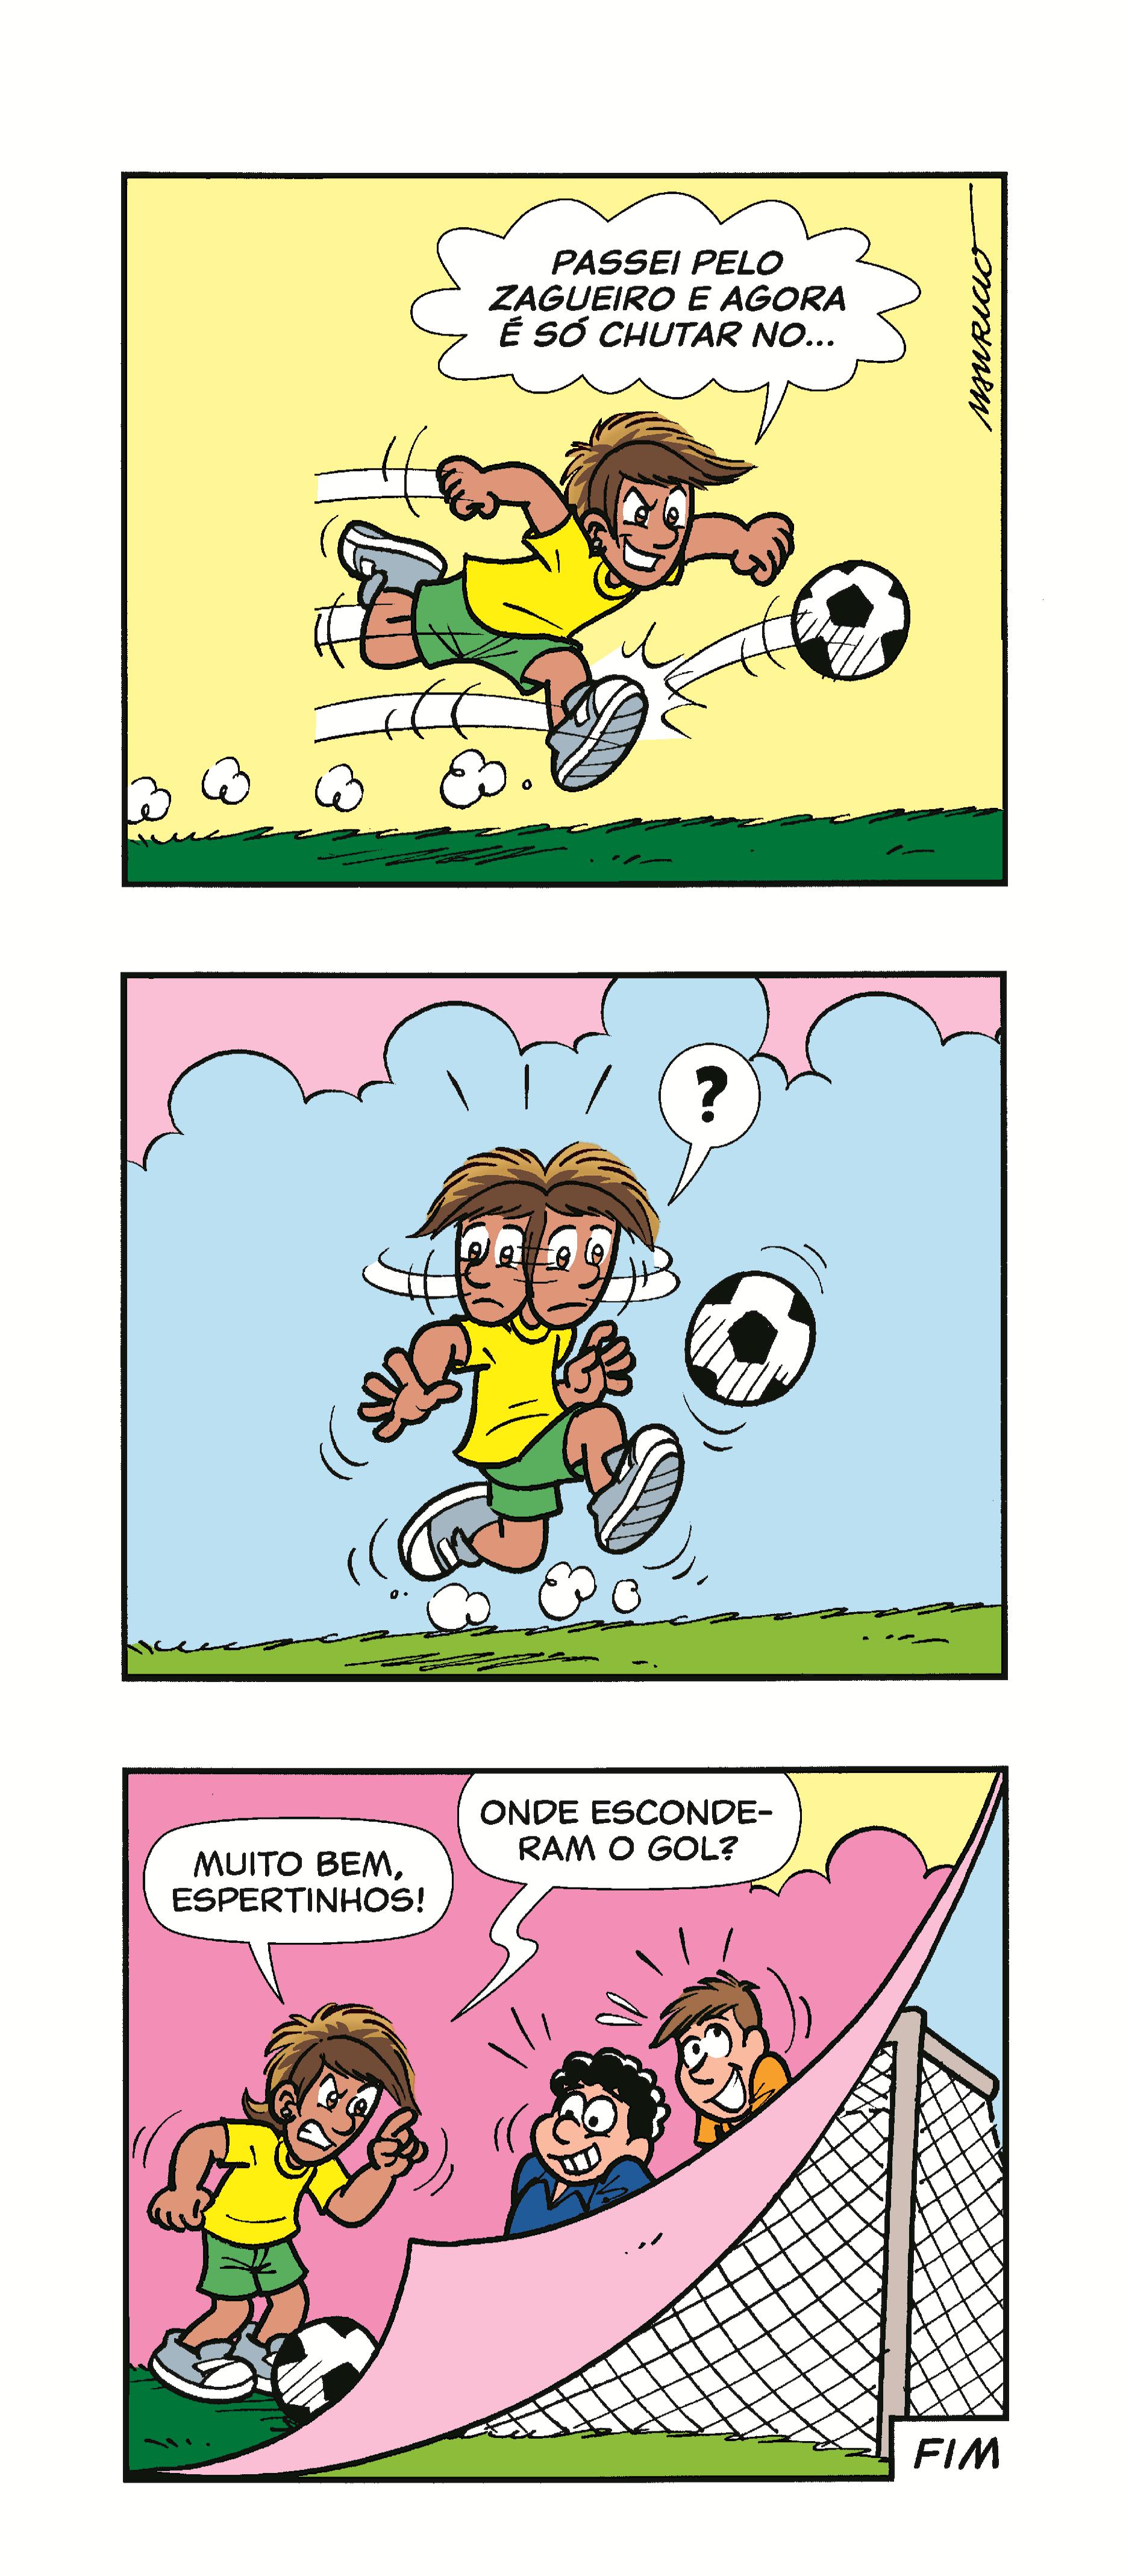 Neymar Jr. c5f0c147ea2a5